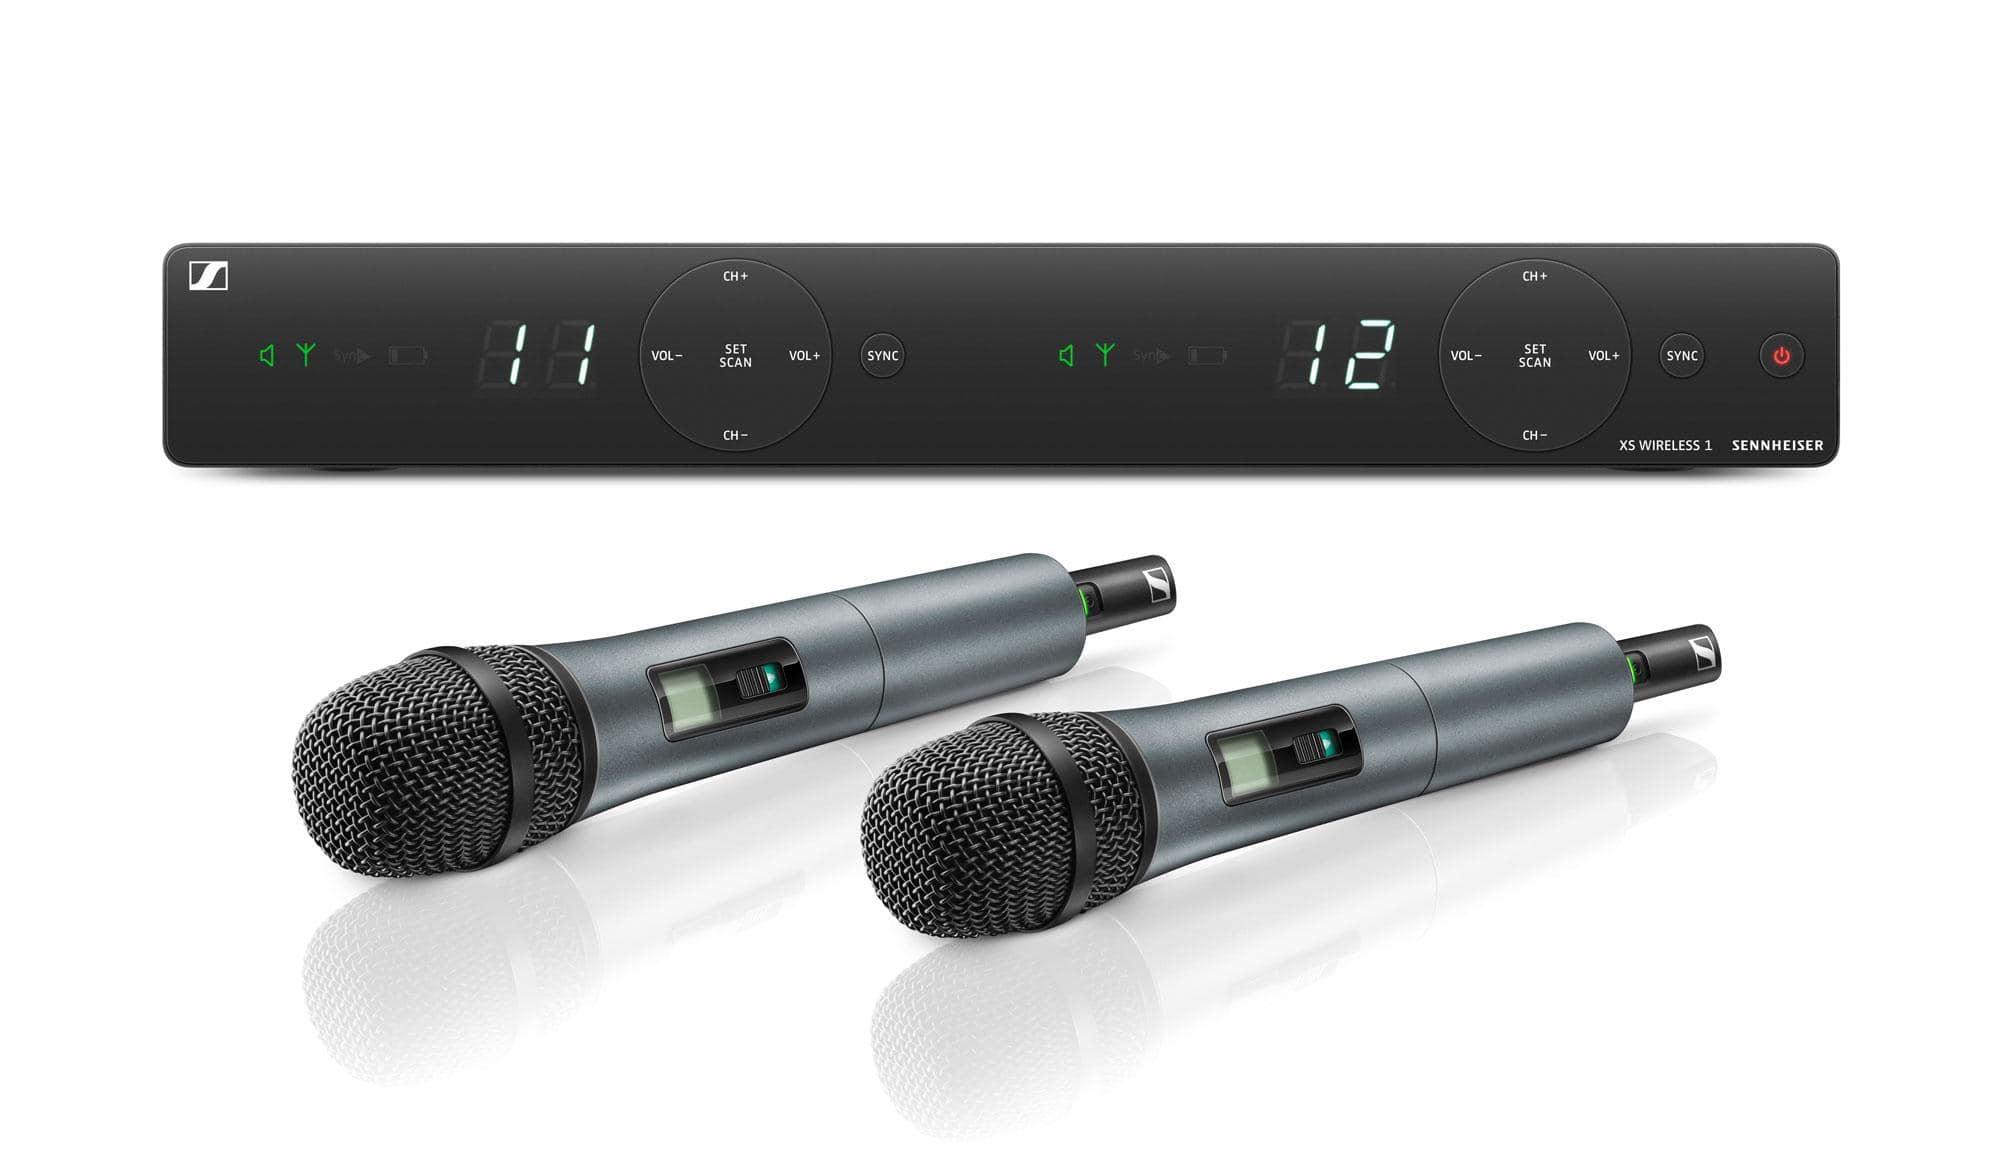 Drahtlossysteme - Sennheiser XSW 1 835 Dual Wireless - Onlineshop Musikhaus Kirstein